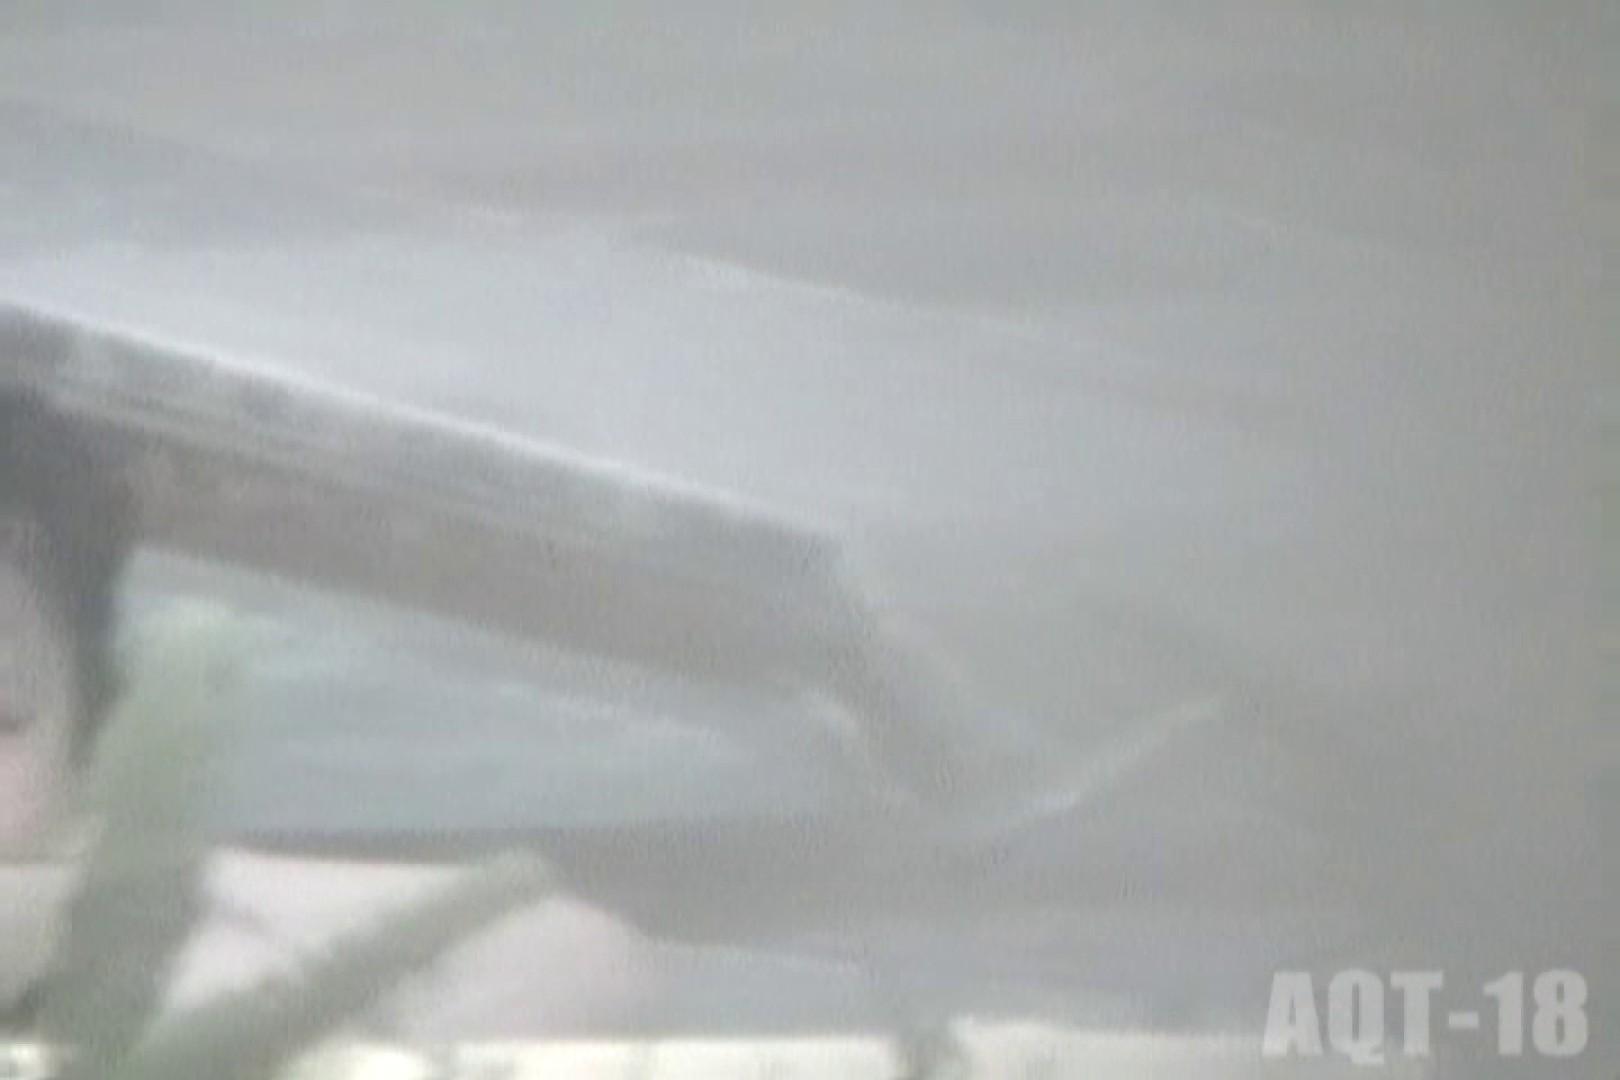 Aquaな露天風呂Vol.855 露天  67画像 15